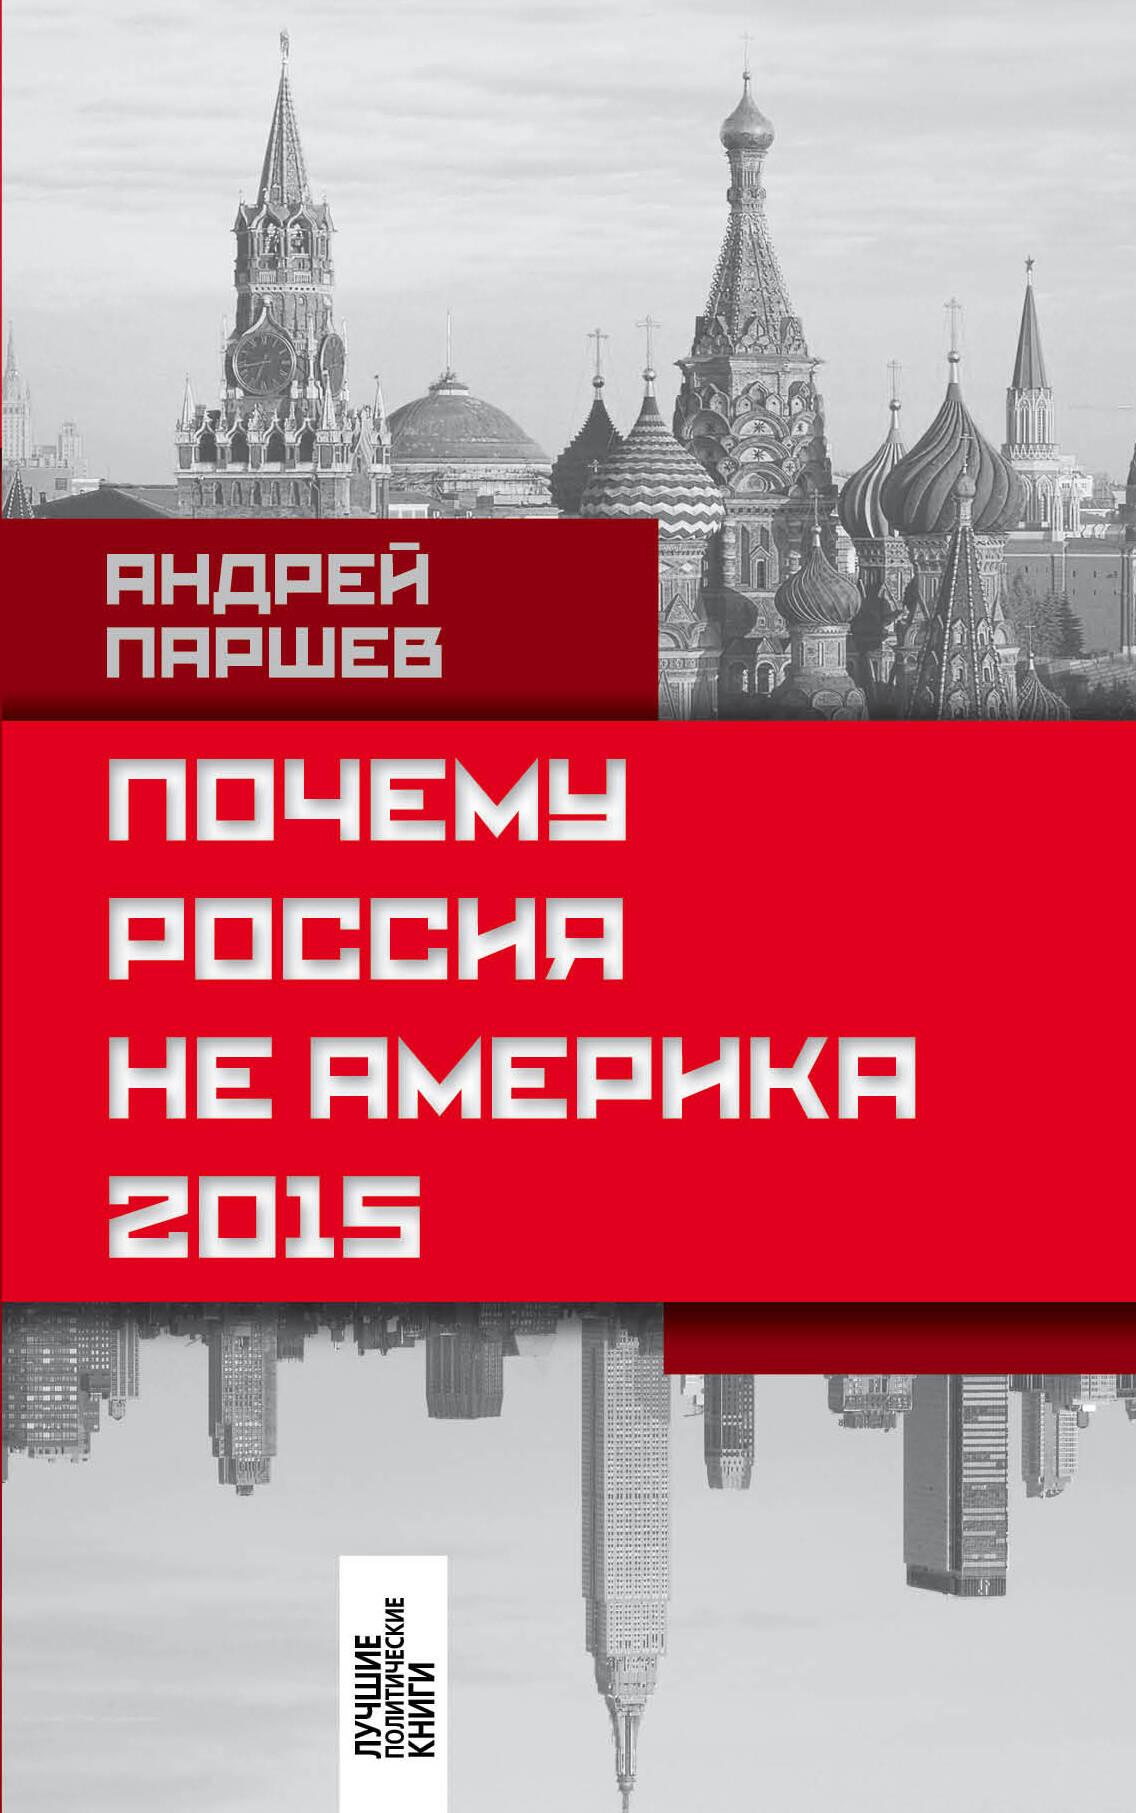 Паршев а. почему россия не америка